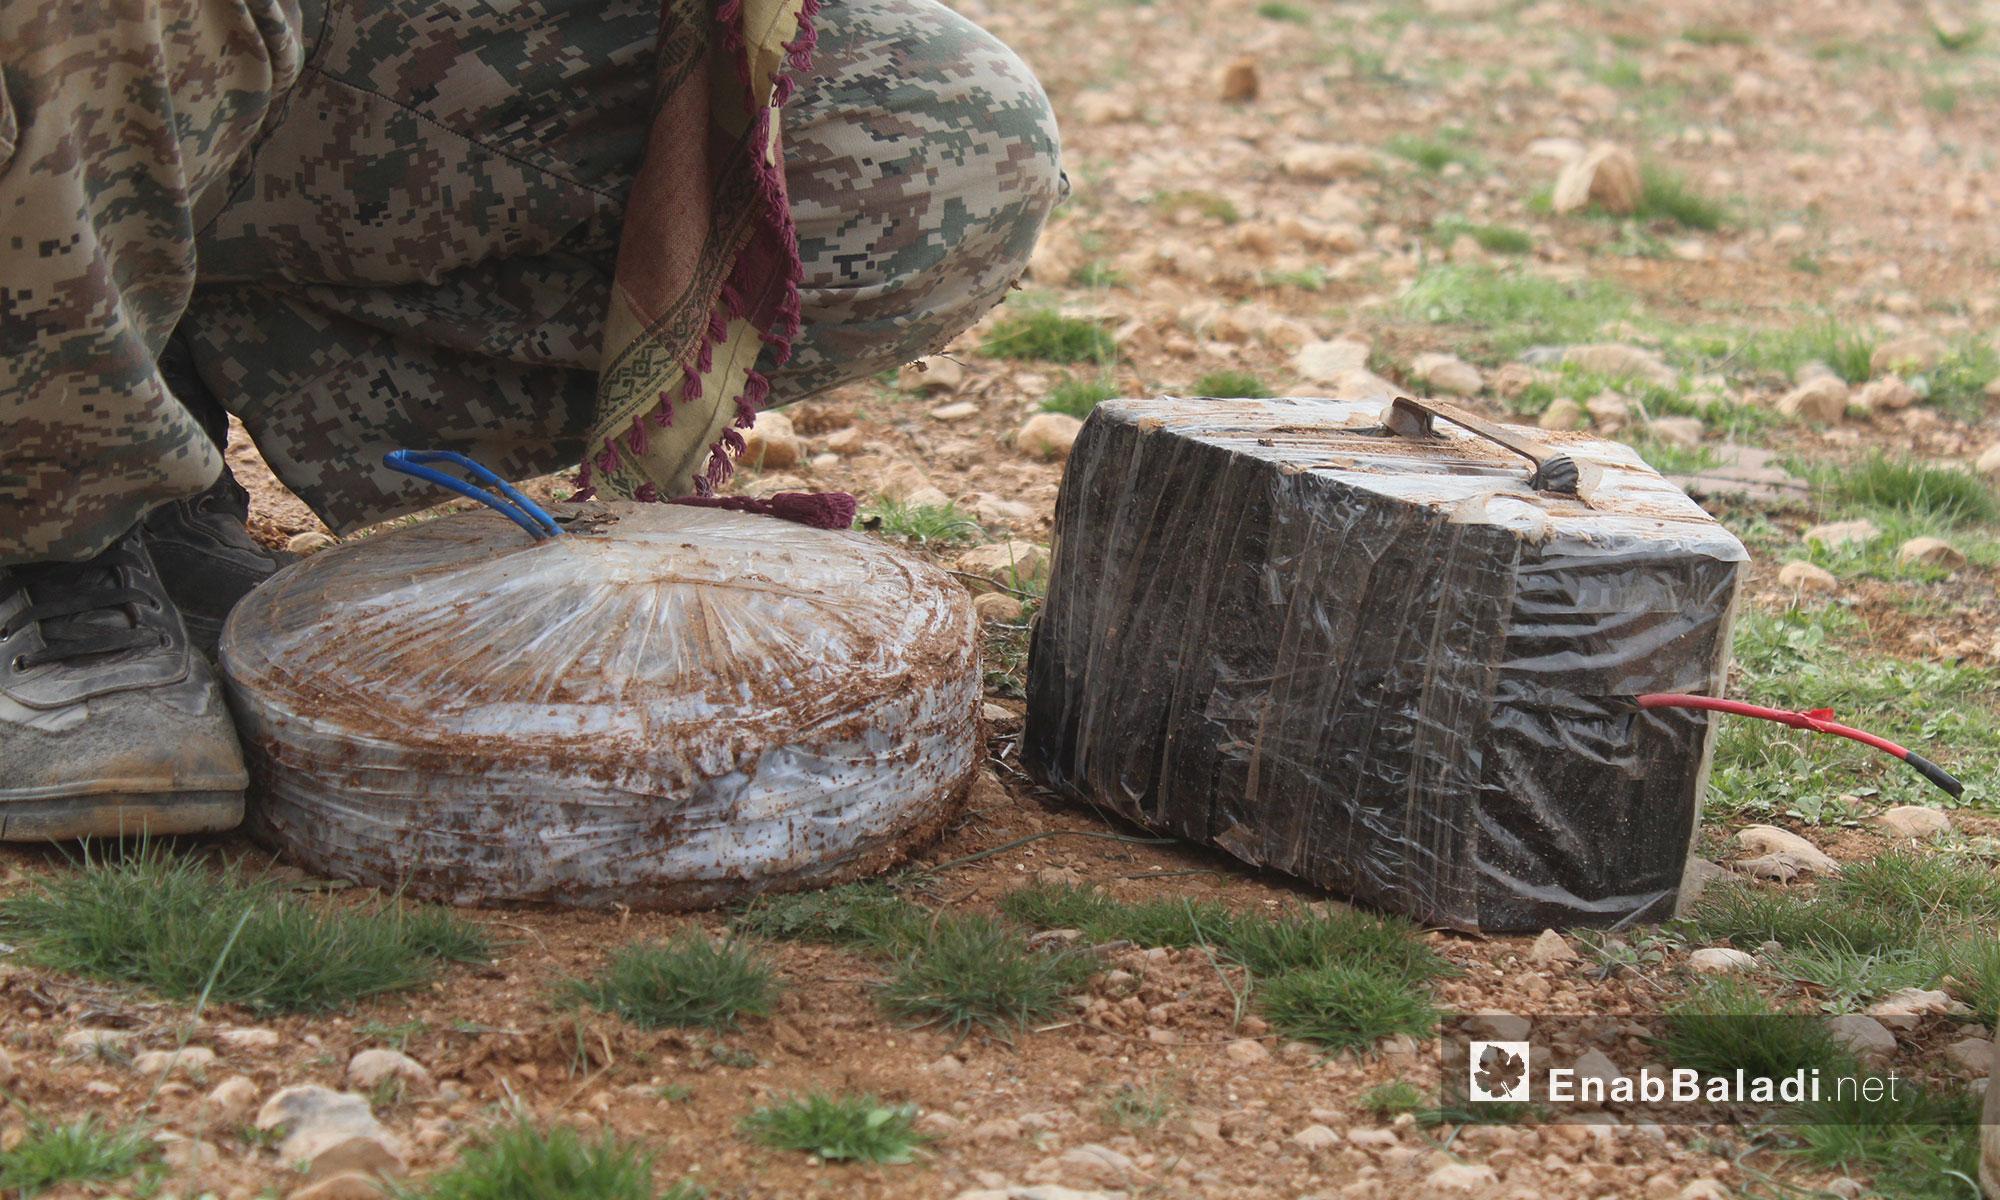 """الألغام التي زرعها مقاتلو """"تنظيم الدولة"""" في محيط الباب - 12 شباط 2017 (عنب بلدي)"""